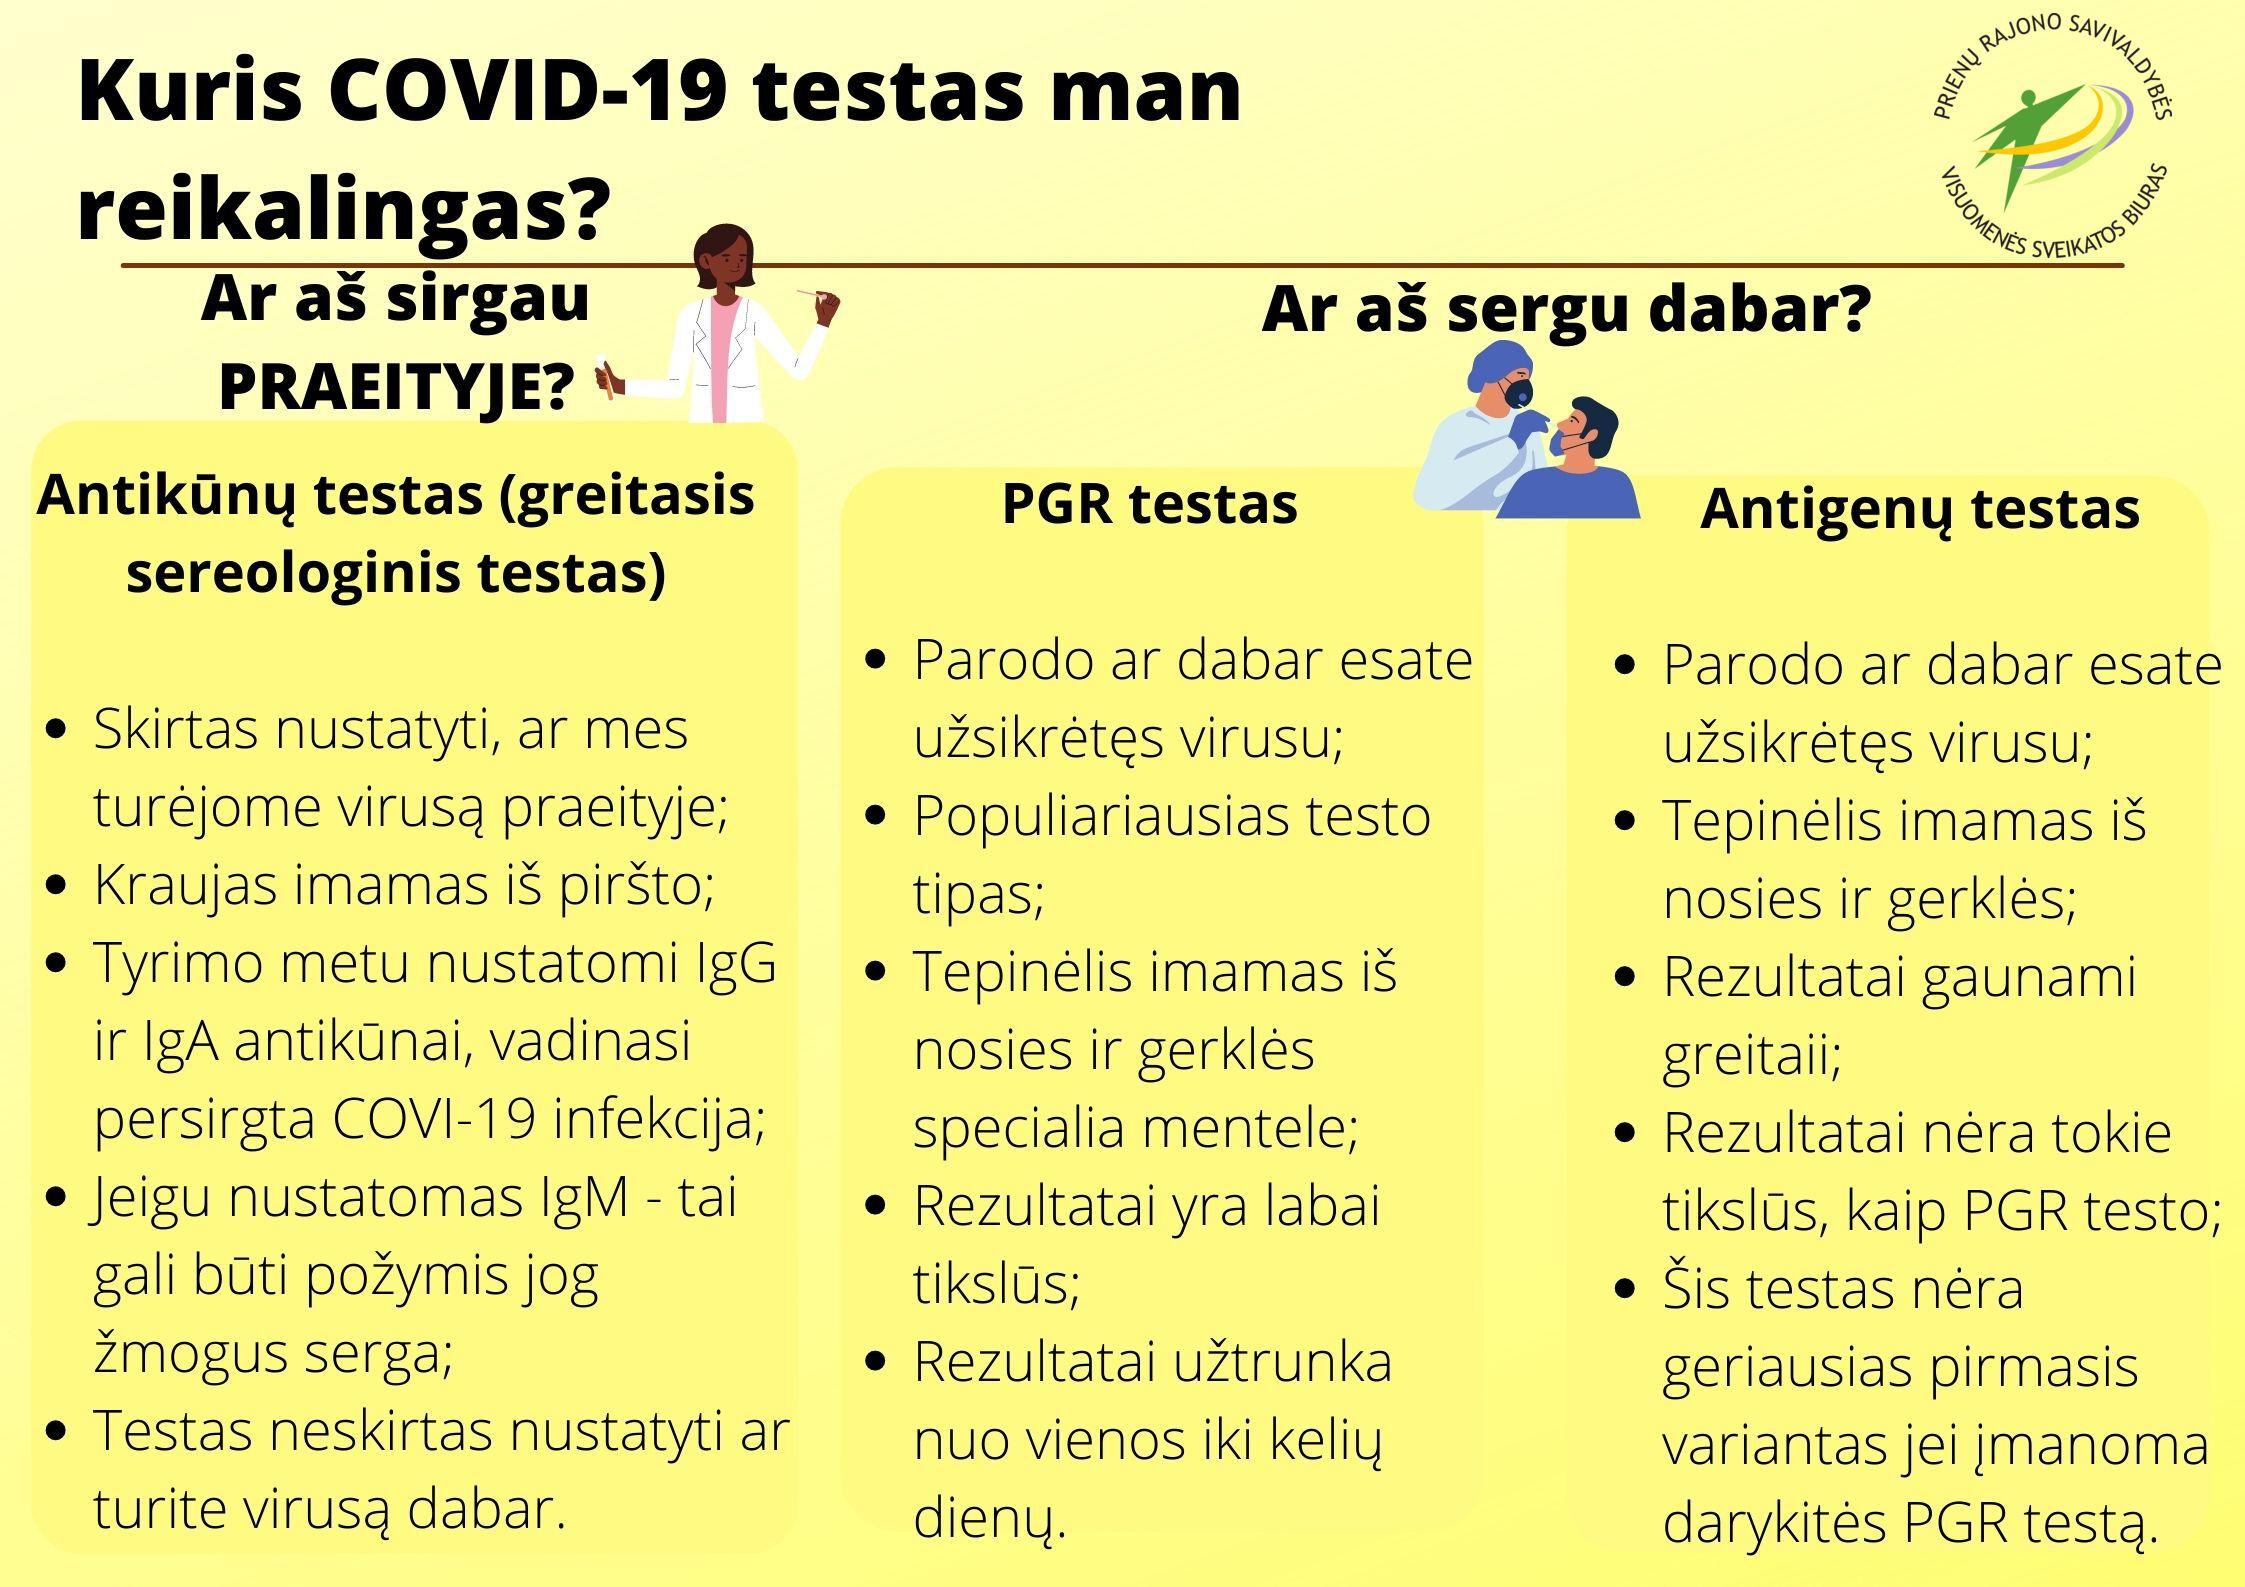 Kuris COVID-19 testas man reikalingas?